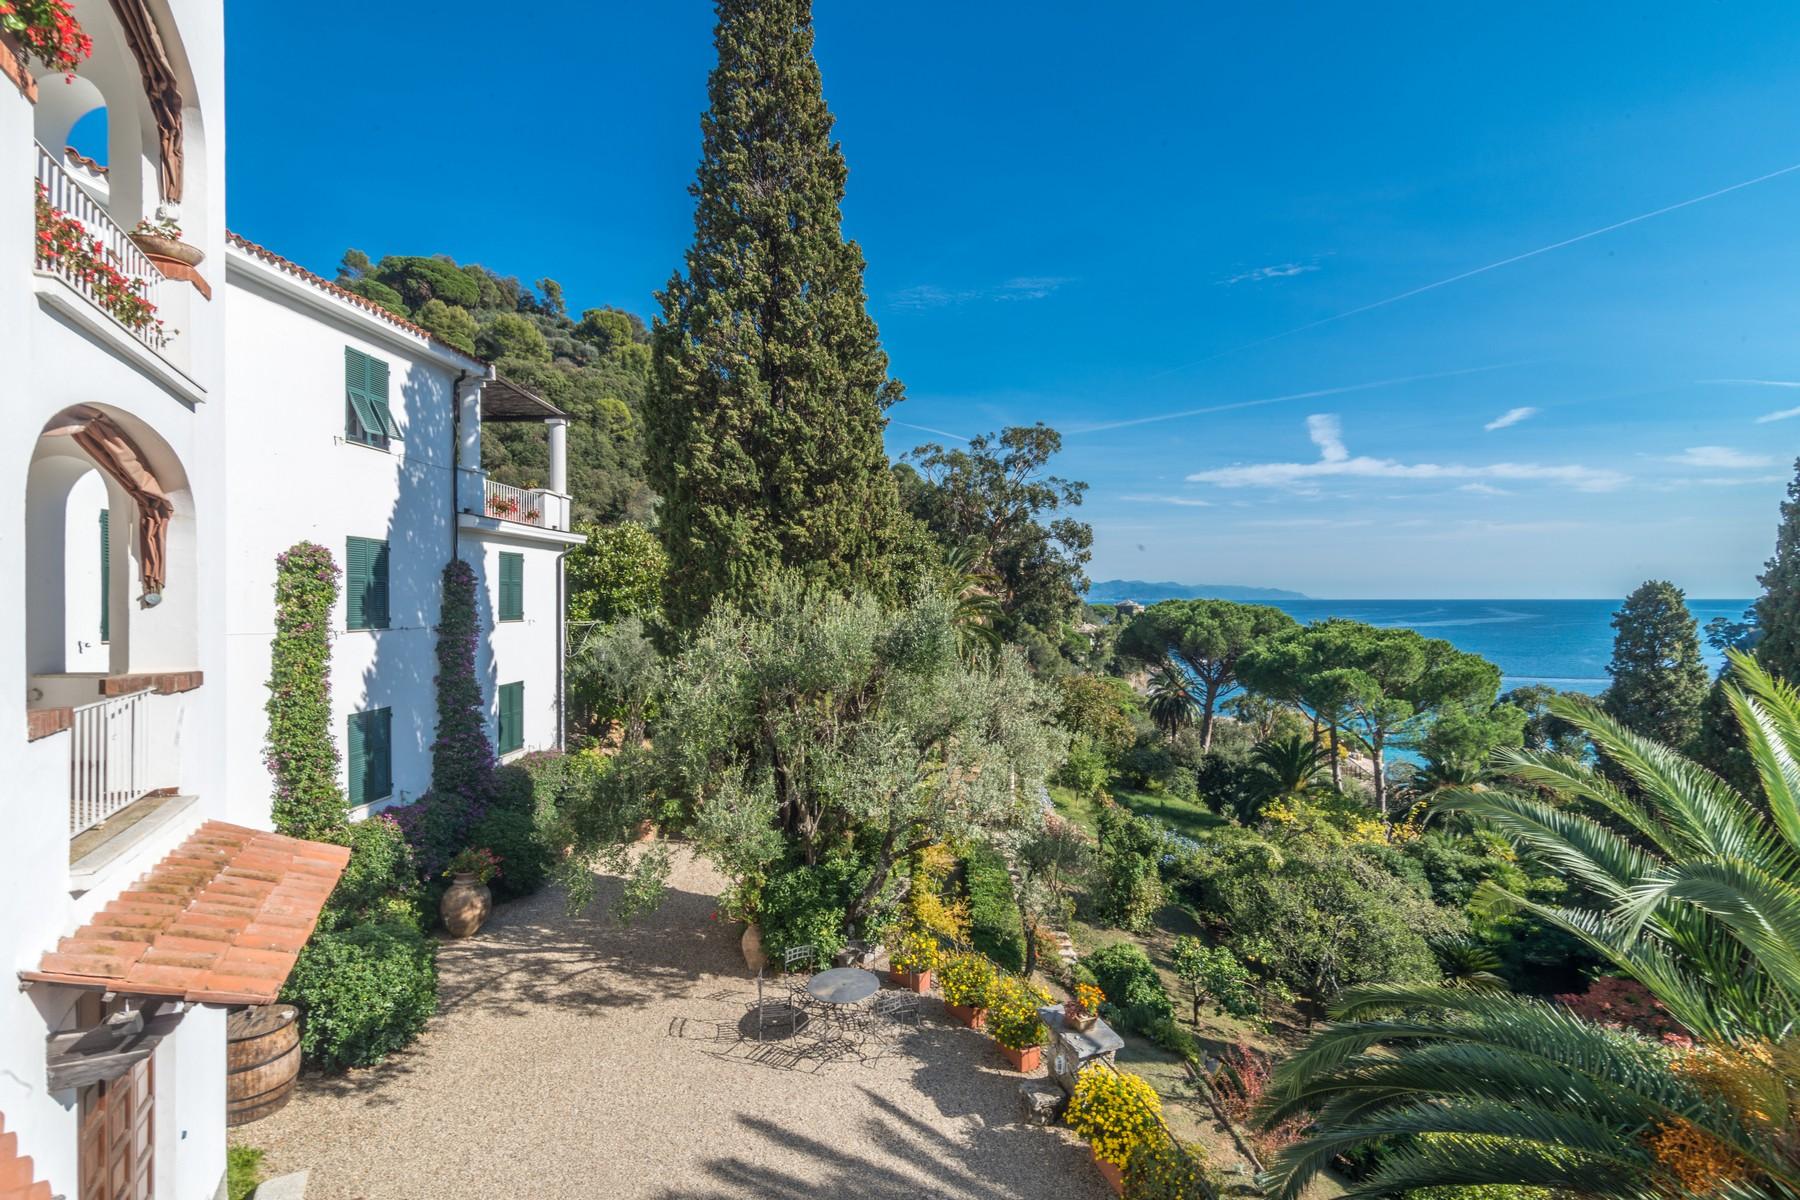 Appartamento in Vendita a Santa Margherita Ligure: 5 locali, 230 mq - Foto 2